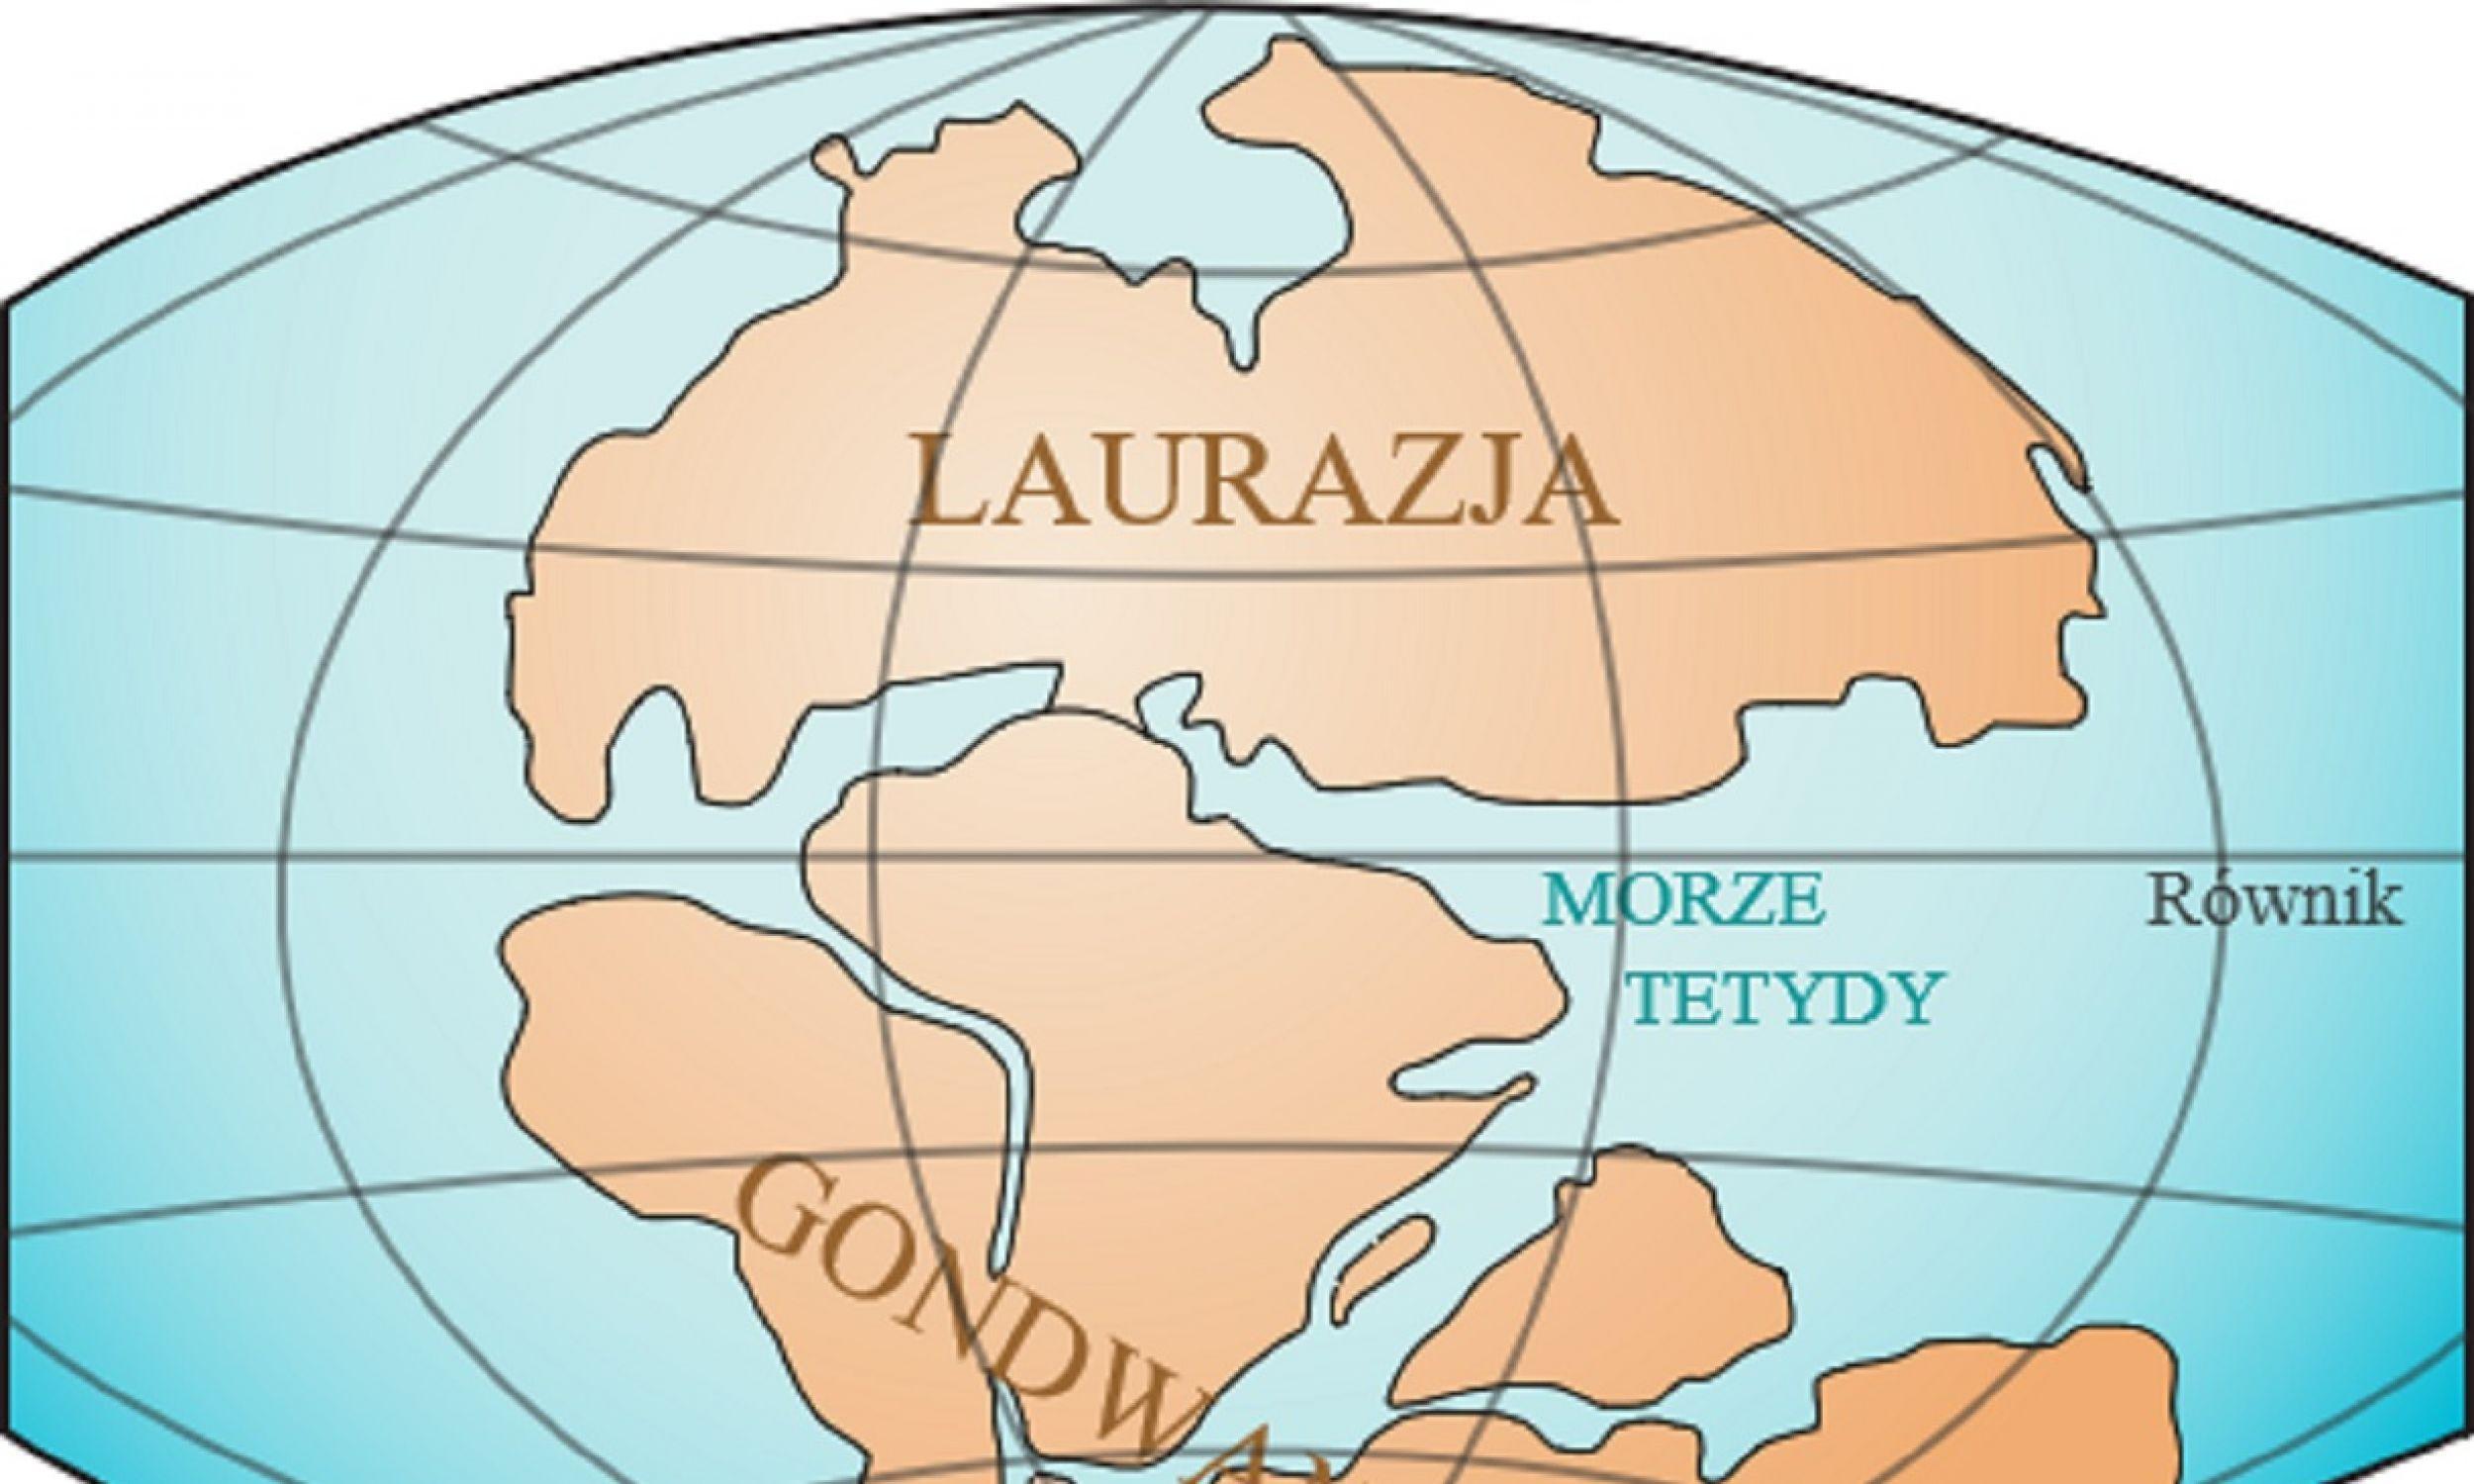 Ziemia w triasie (200 milionów lat temu) z dwoma superkontynentami: Laurosją i Gondwaną, które stopniowo się do siebie zbliżały, aż stworzyły jeden – Pangeę. Fot. Wikimedia Commons/Laurasia-Gondwana.svg: Lenny222derivative work (translation): Masur (talk) - Laurasia-Gondwana.svg, CC BY 3.0